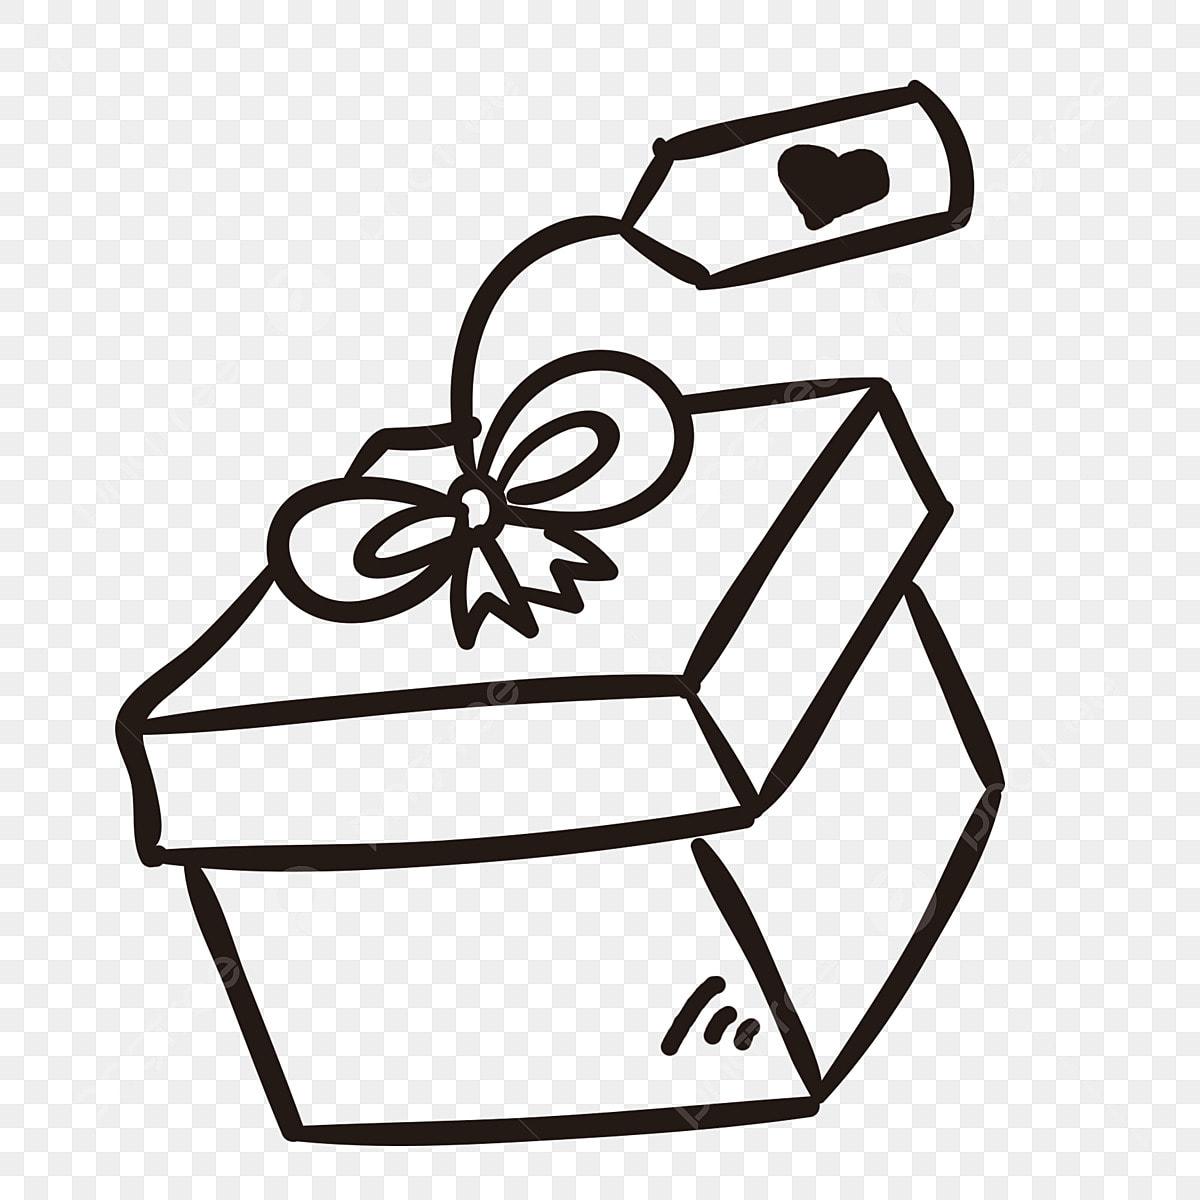 Gambar Lakaran Cinta Hadiah Hari Kanak Kanak Hadiah Hari Kanak Kanak Draf Garisan Hitam Dan Putih Kotak Lakaran Hadiah Hari Kanak Kanak Png Dan Psd Untuk Muat Turun Percuma